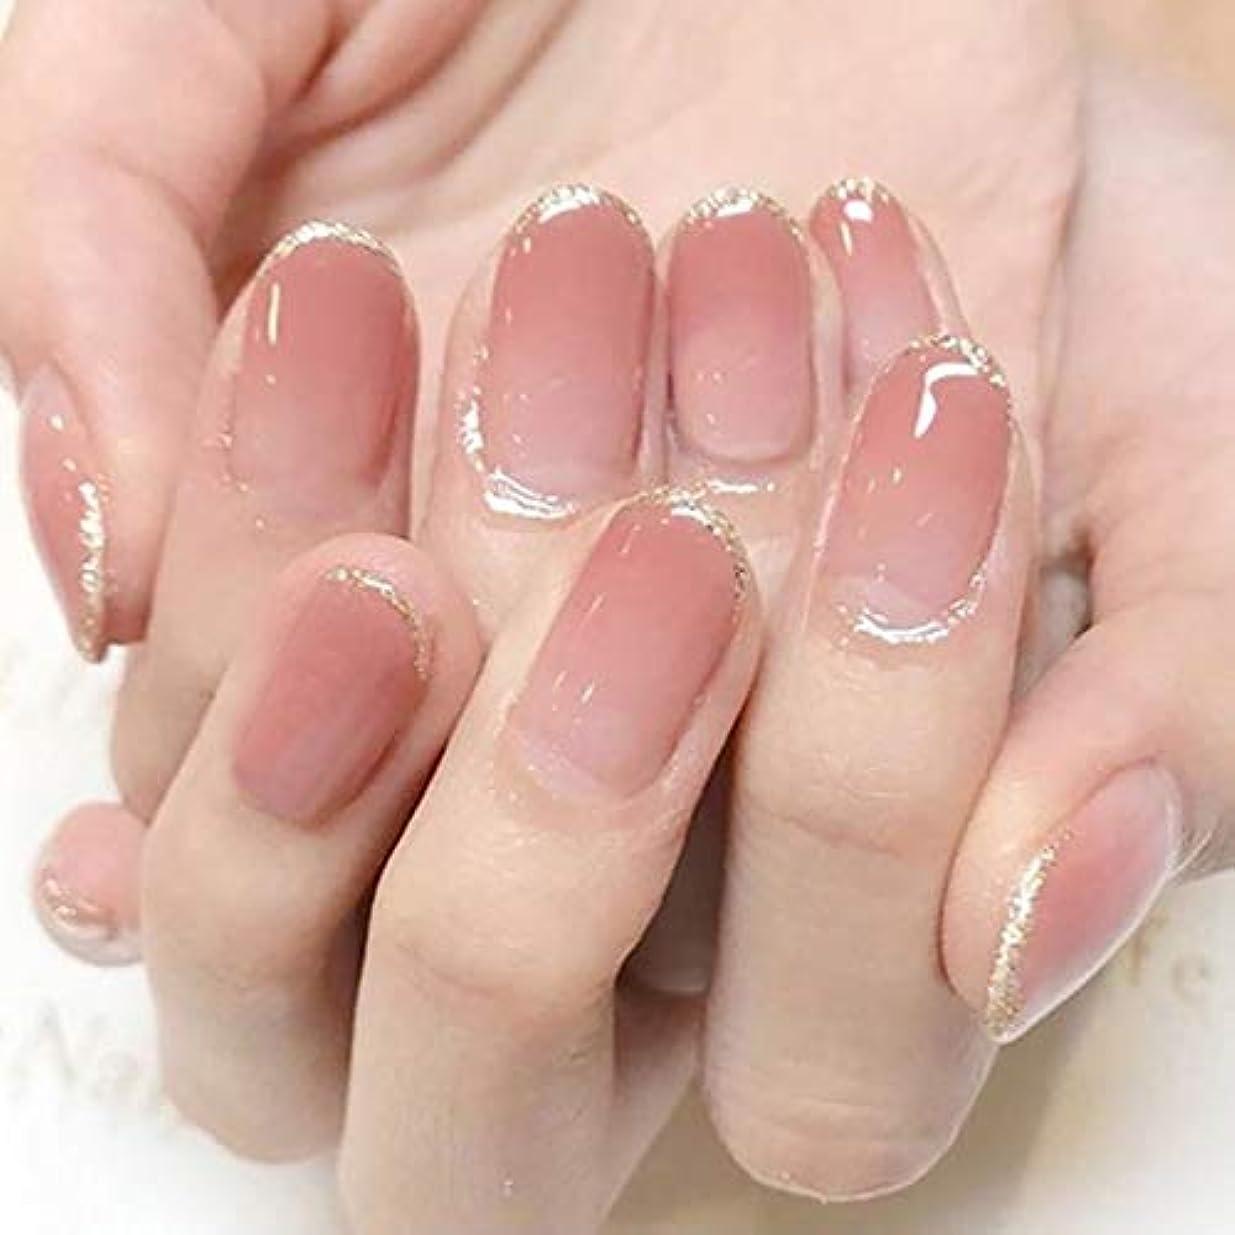 禁止しっとりXUTXZKA クリーム色の段階的な純粋な色の爪の女性のファッションシャイニングゴールドフルネイルのヒント女性のネイルデコレーション